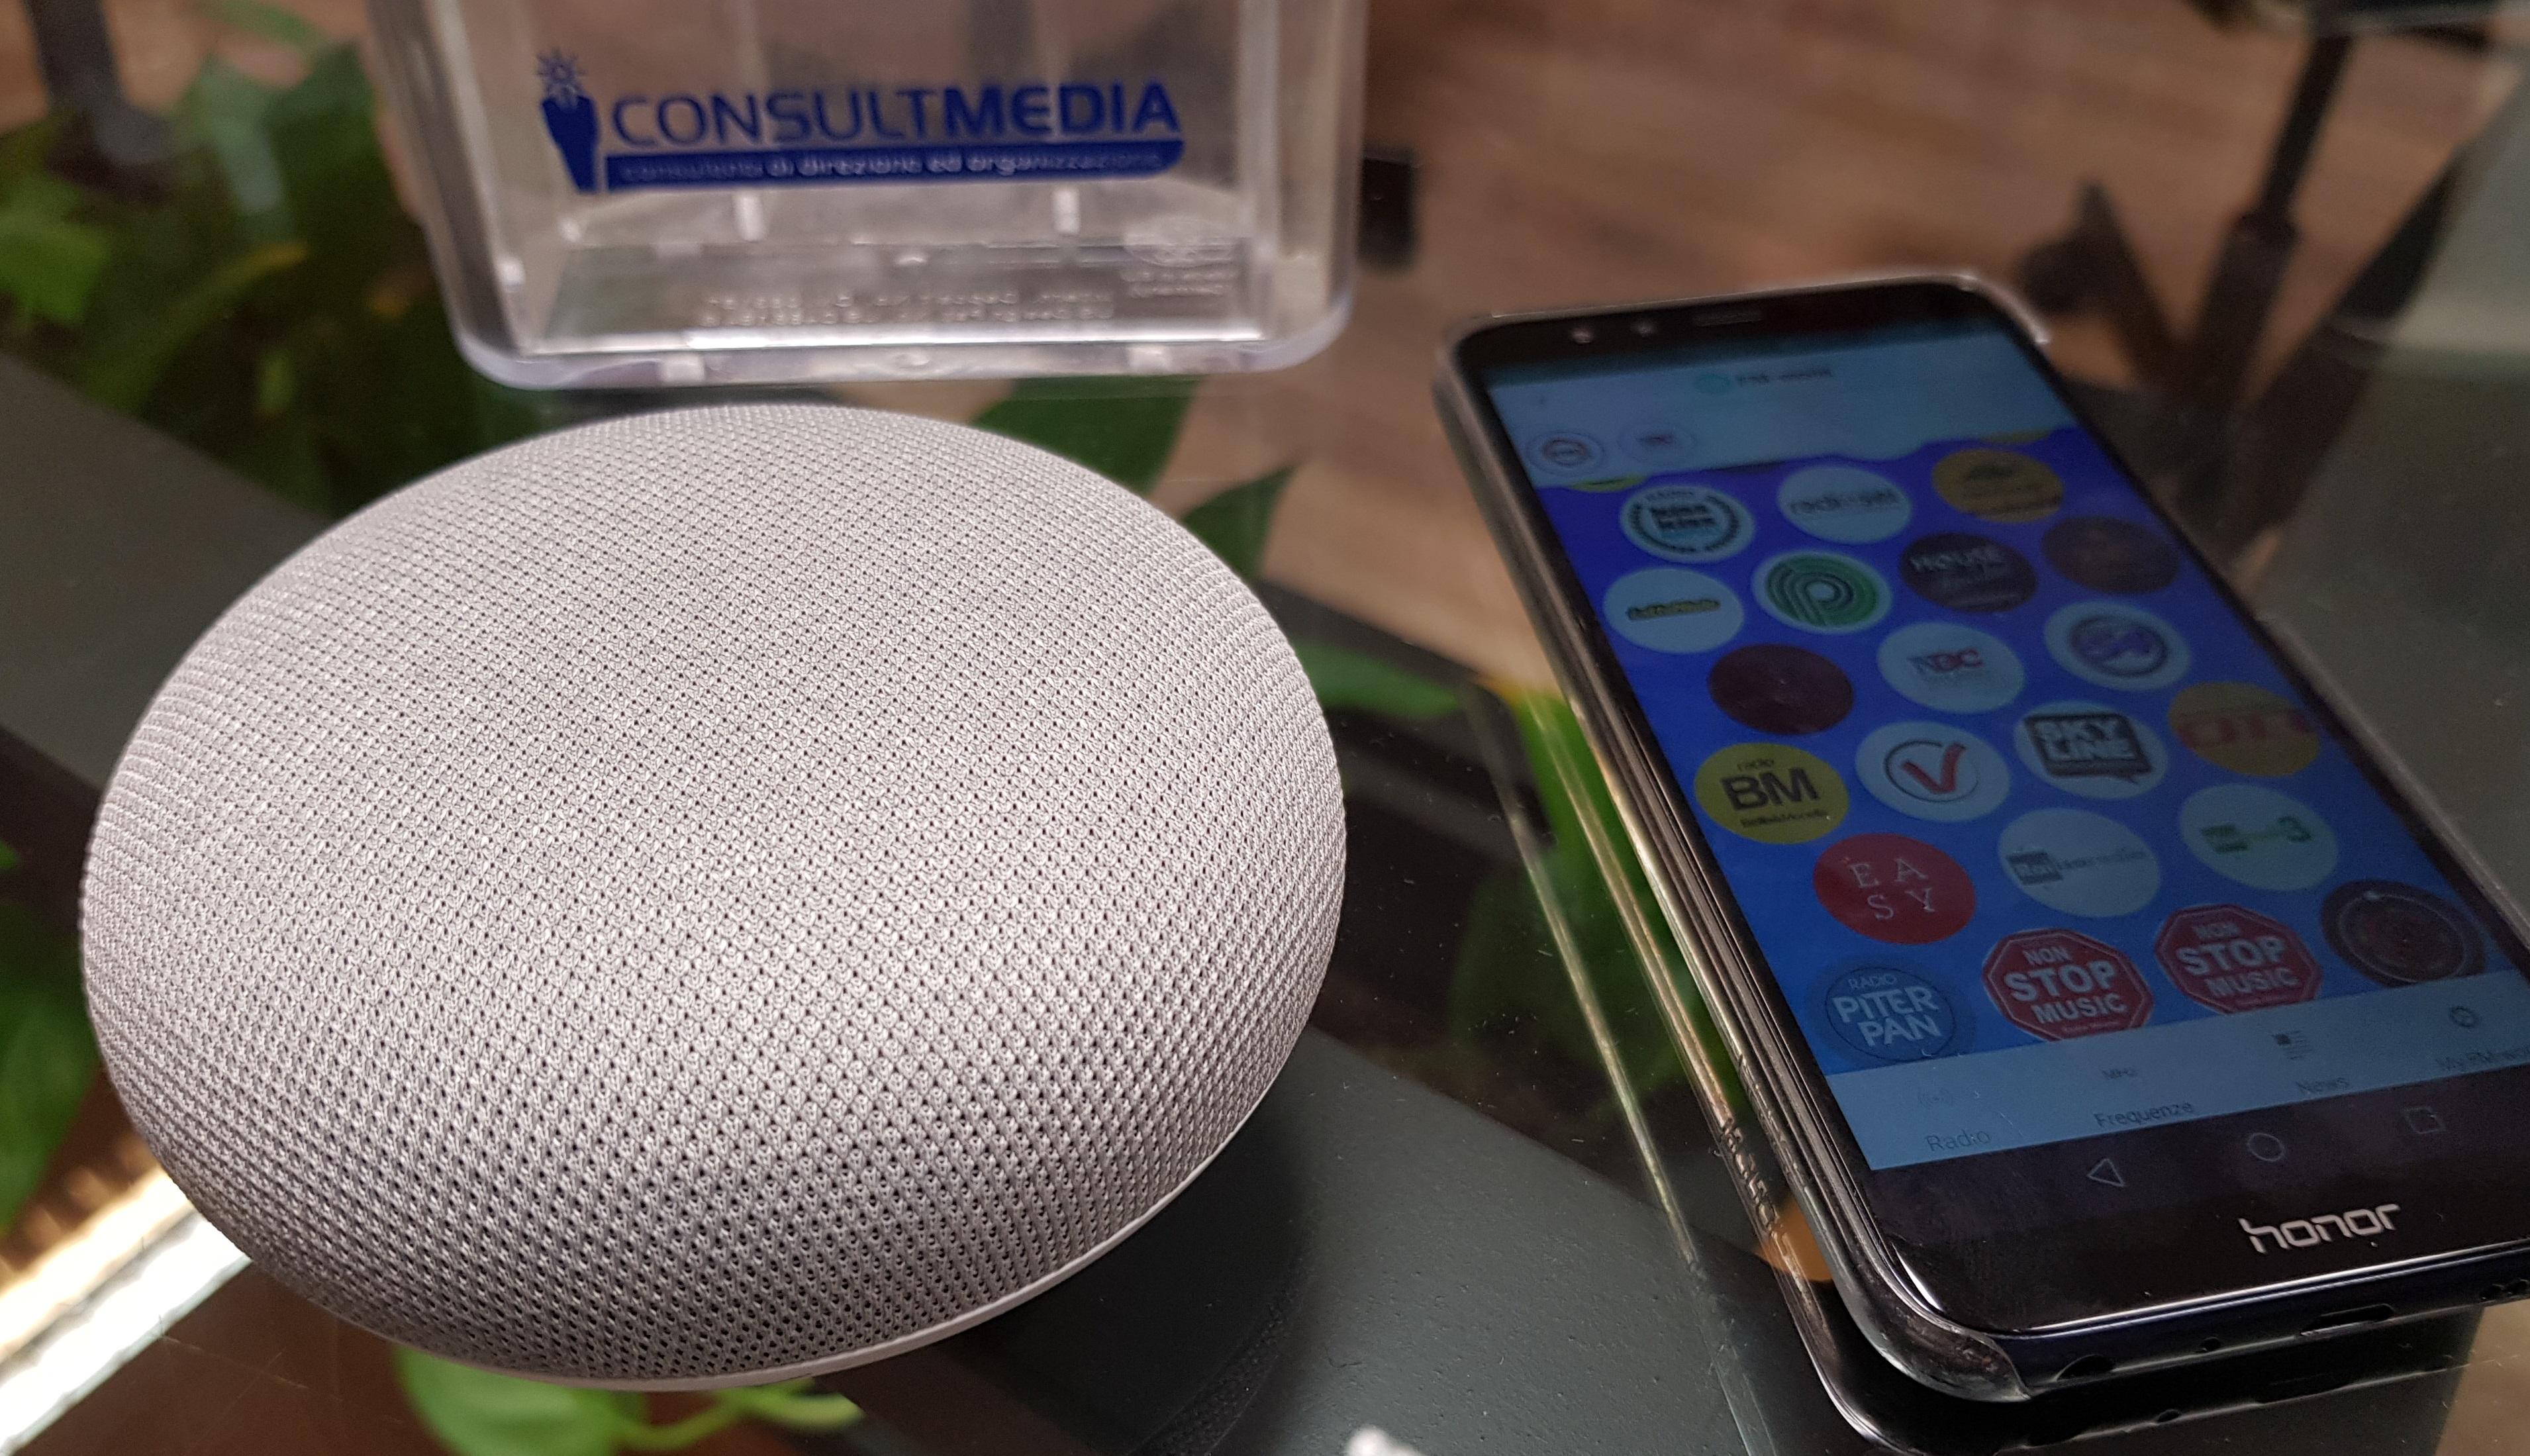 Consultmedia Google Home Fm world II - Non basta piu' trattenere l'utente sulla piattaforma: il target e' ora non farlo uscire dall'app